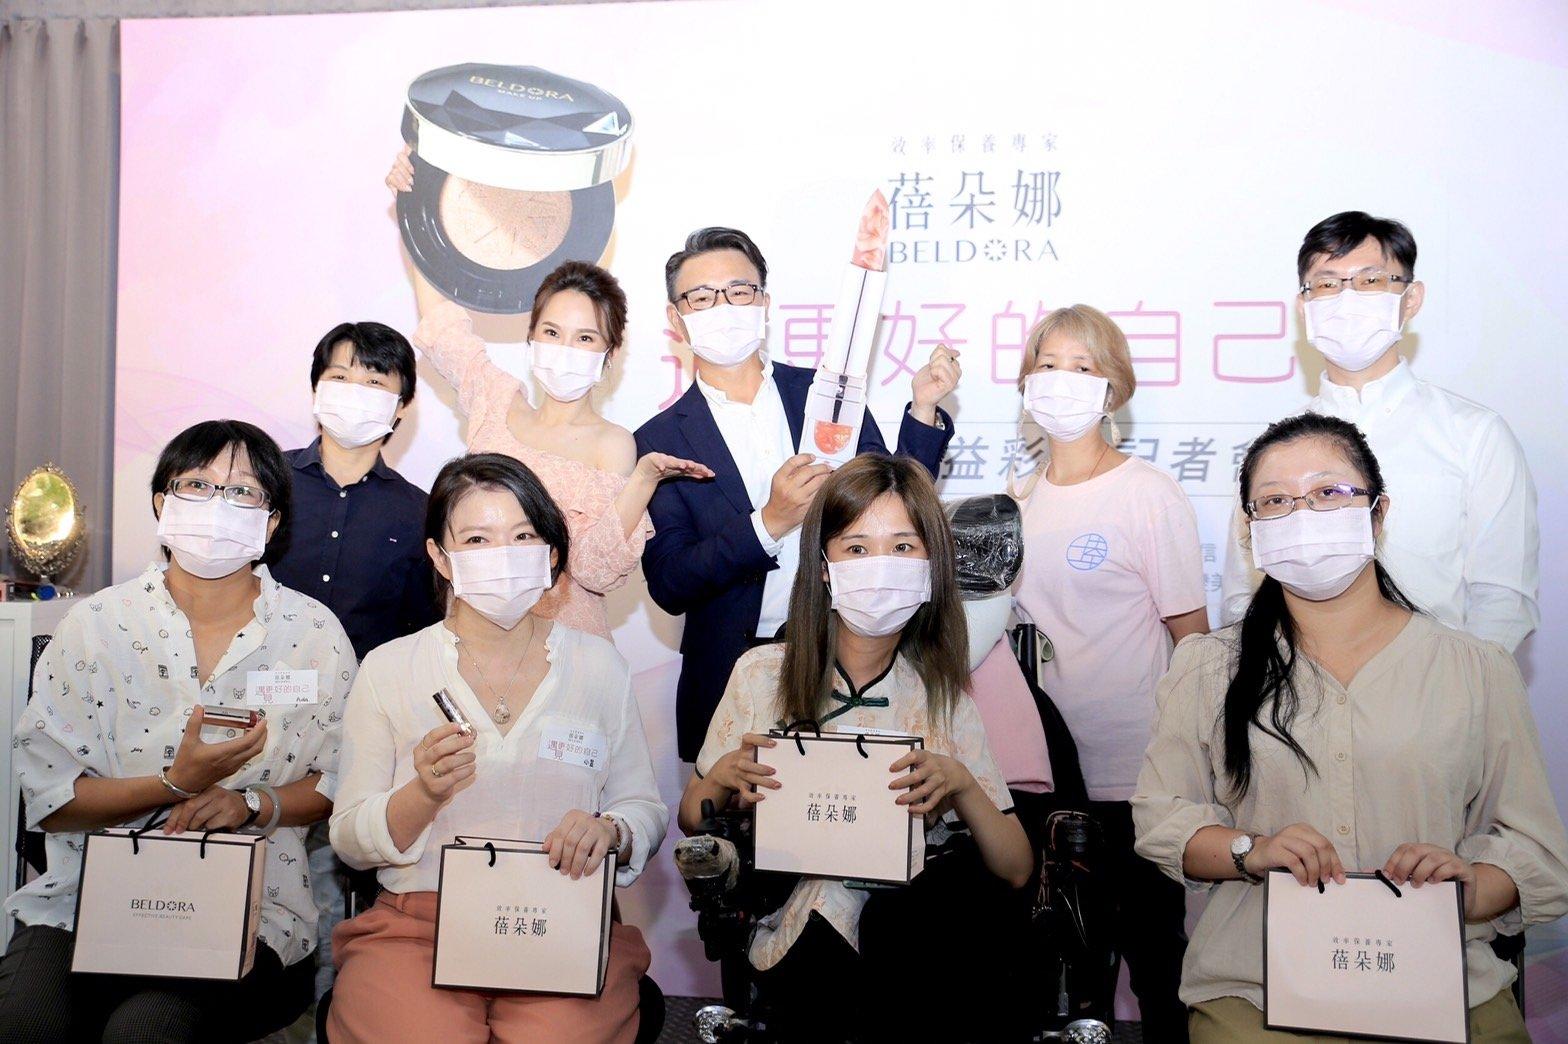 遇見更好的自己! 人氣主播張齡予攜手台灣保養精品「蓓朵娜」致力公益幫助弱勢女性!